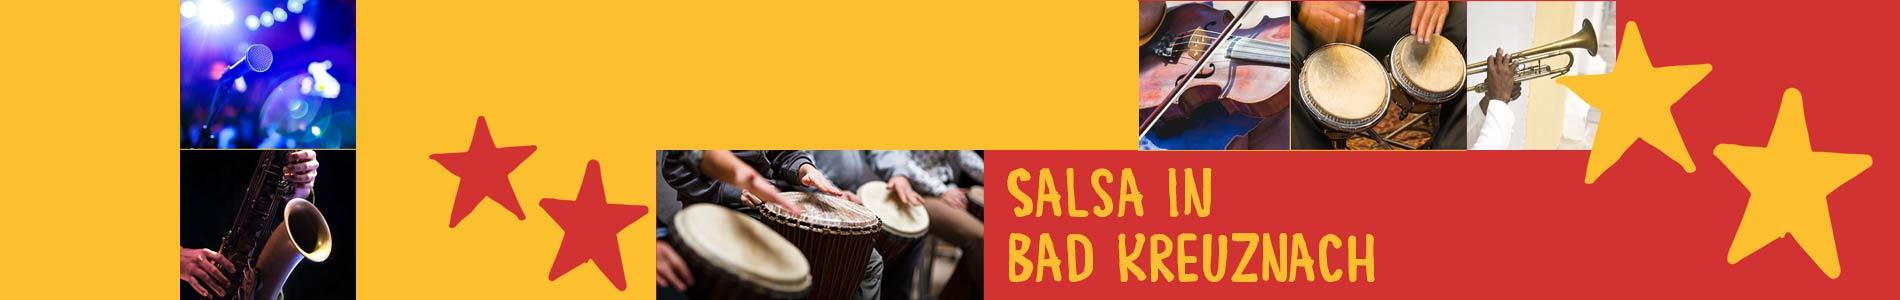 Salsa in Bad Kreuznach – Salsa lernen und tanzen, Tanzkurse, Partys, Veranstaltungen